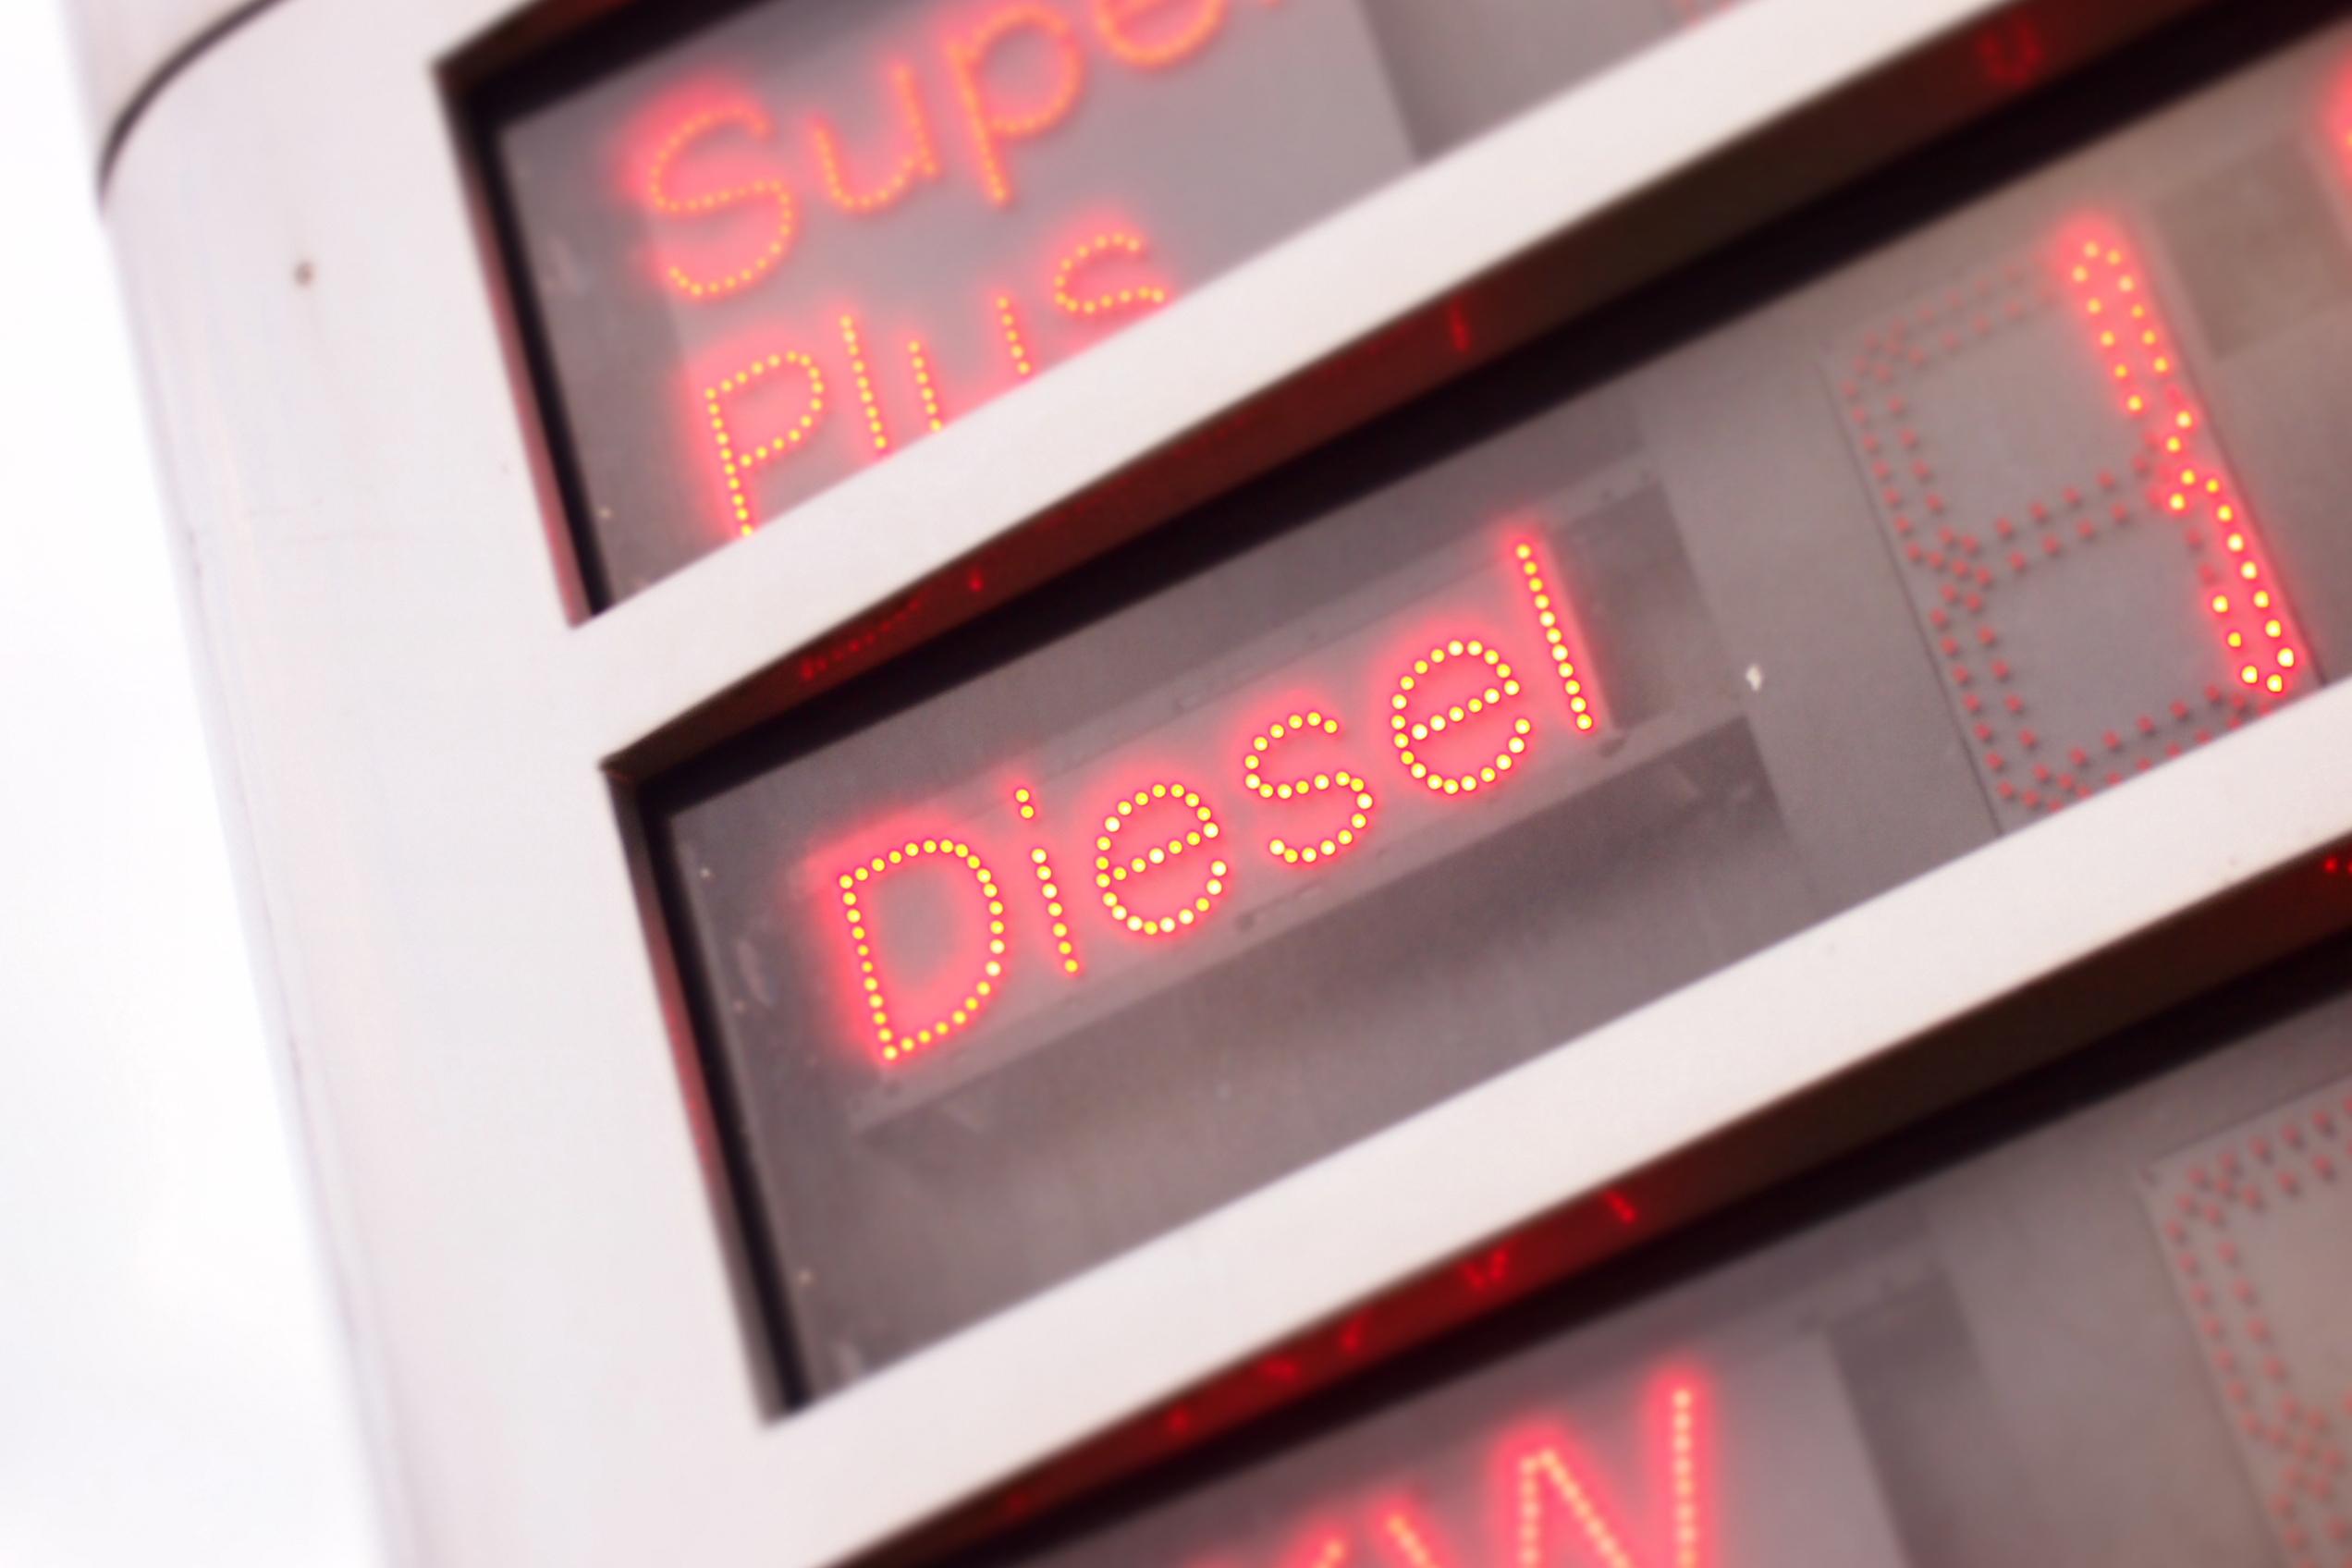 Schriftzug Diesel an Tankstelle